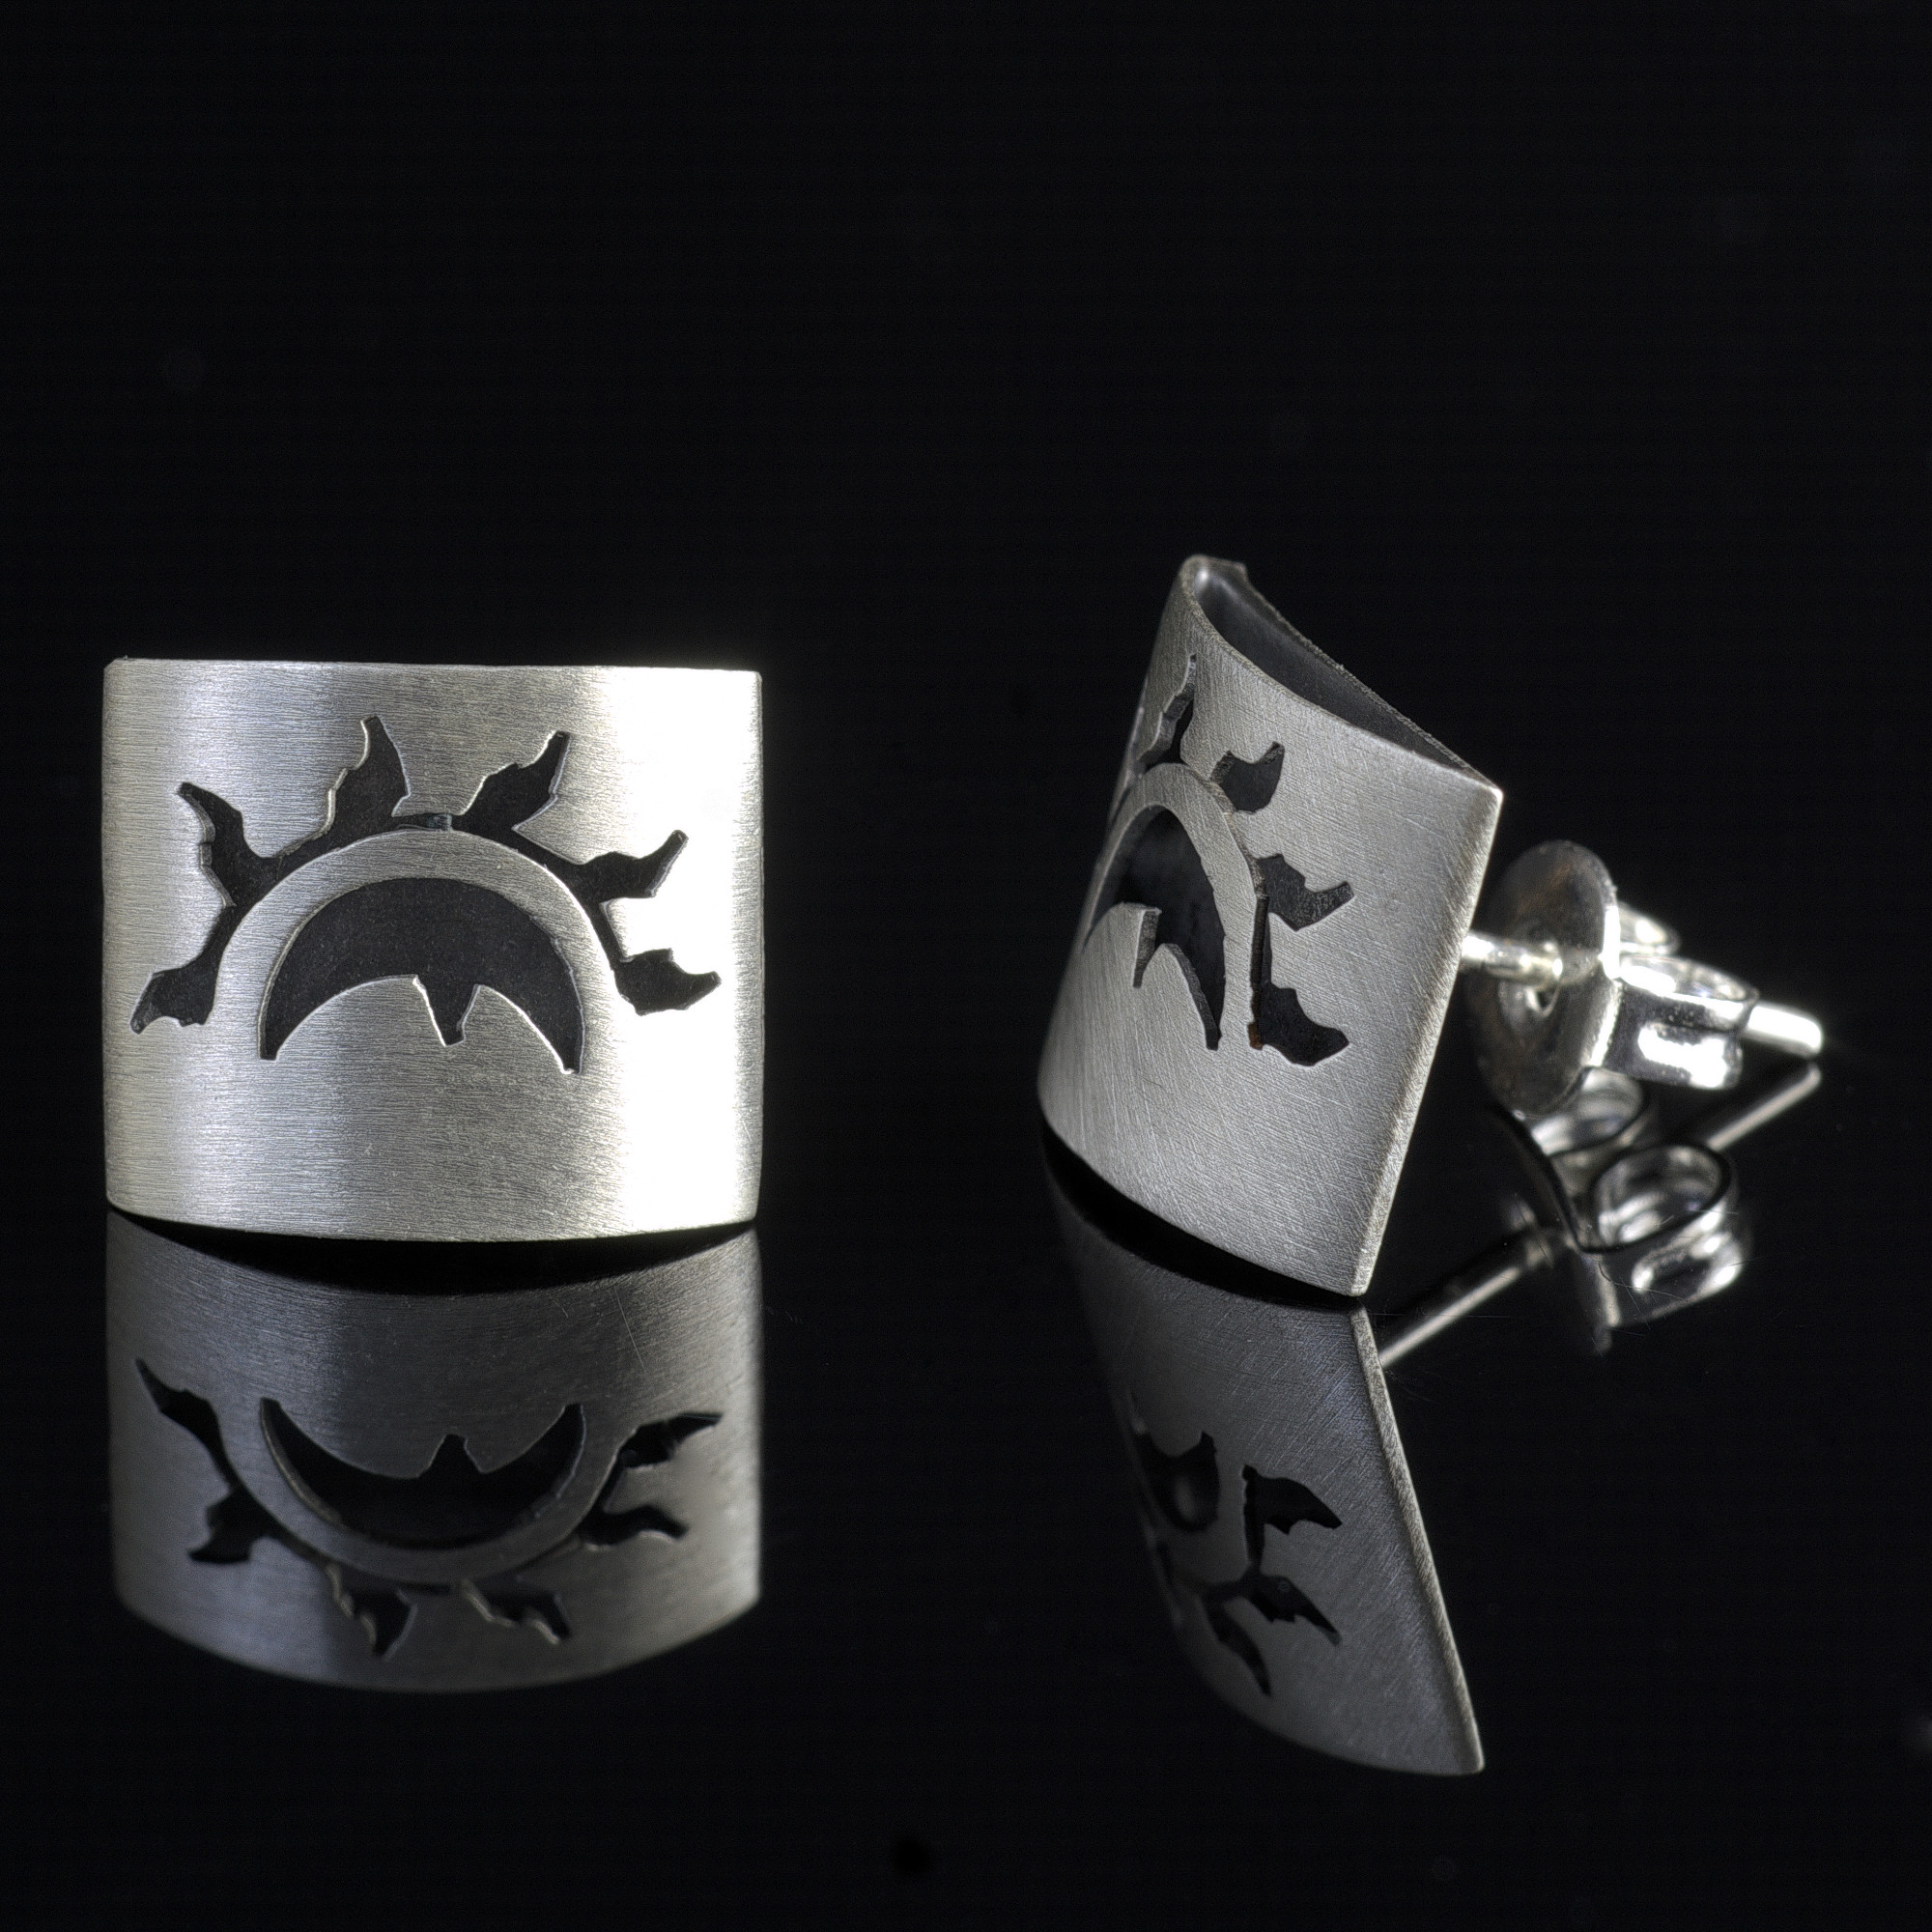 Eclipse: Månen och solen örhängen. Borstade. De är gjorda av sterling silver.